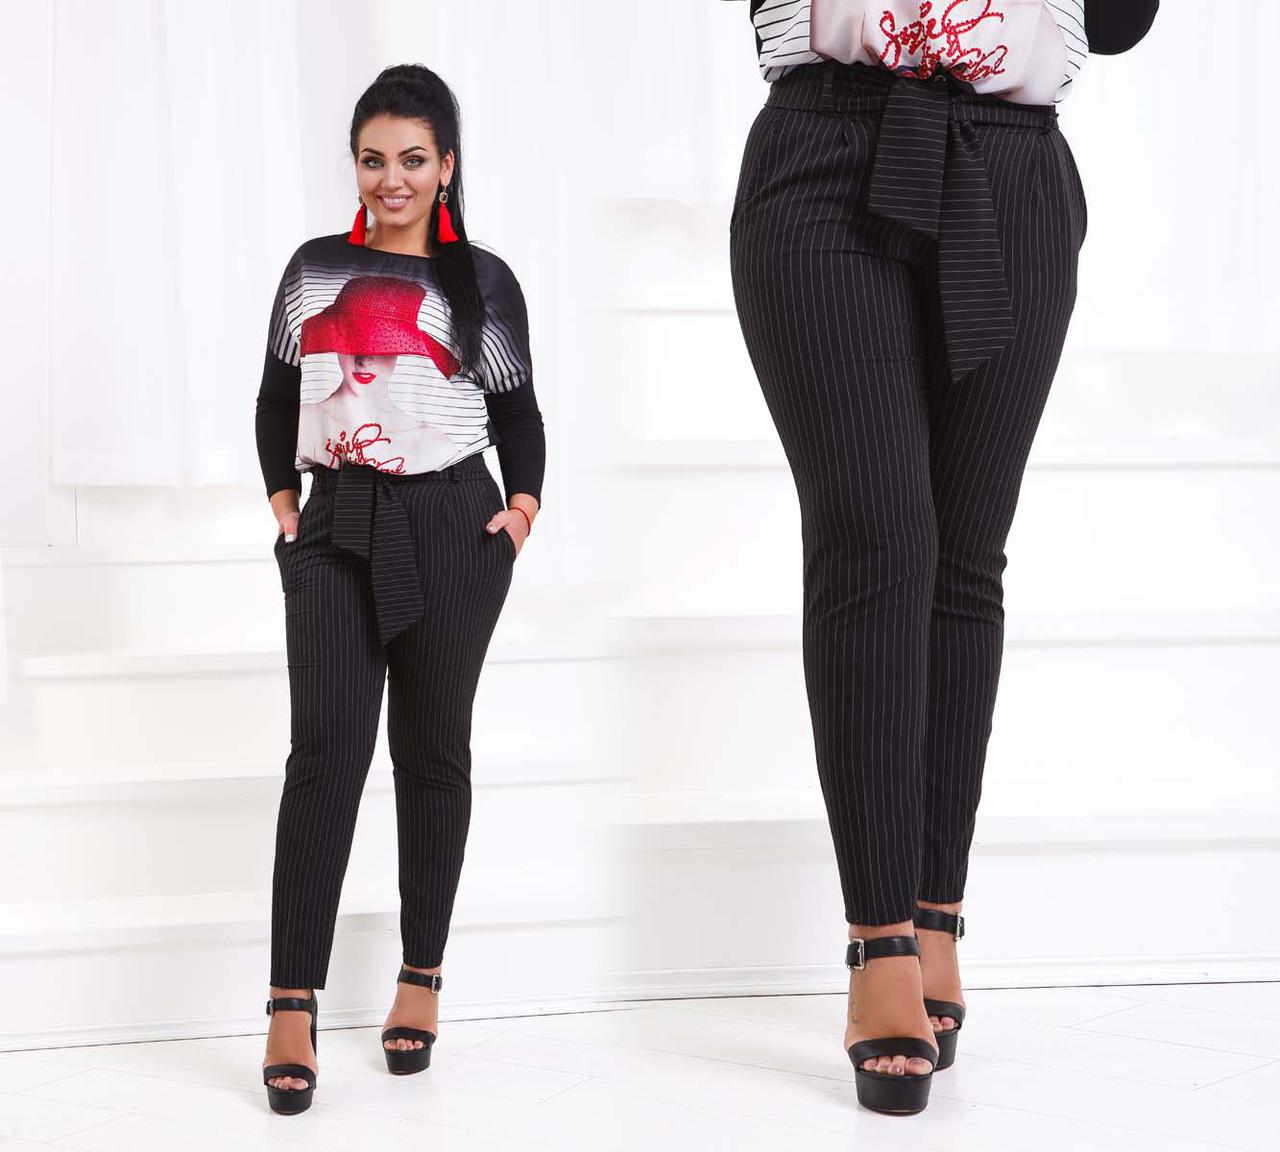 """Элегантные женские брюки в больших размерах 223 """"Креп Полоска Кармашки Пояс"""" в расцветках"""